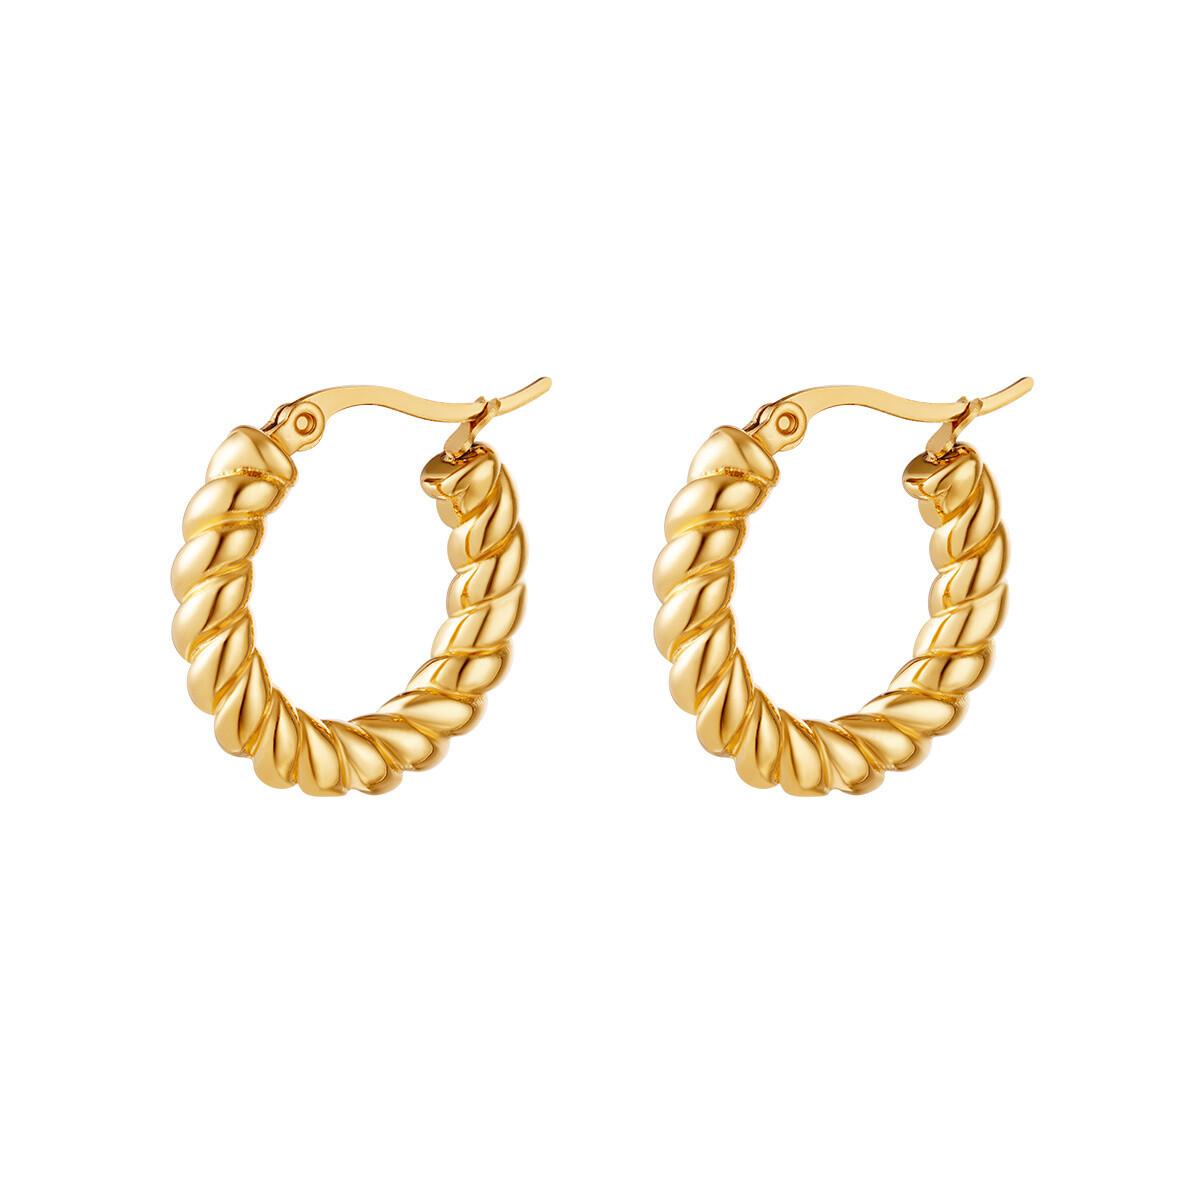 Midi rope oorringetjes goud stainless steel 24 mm